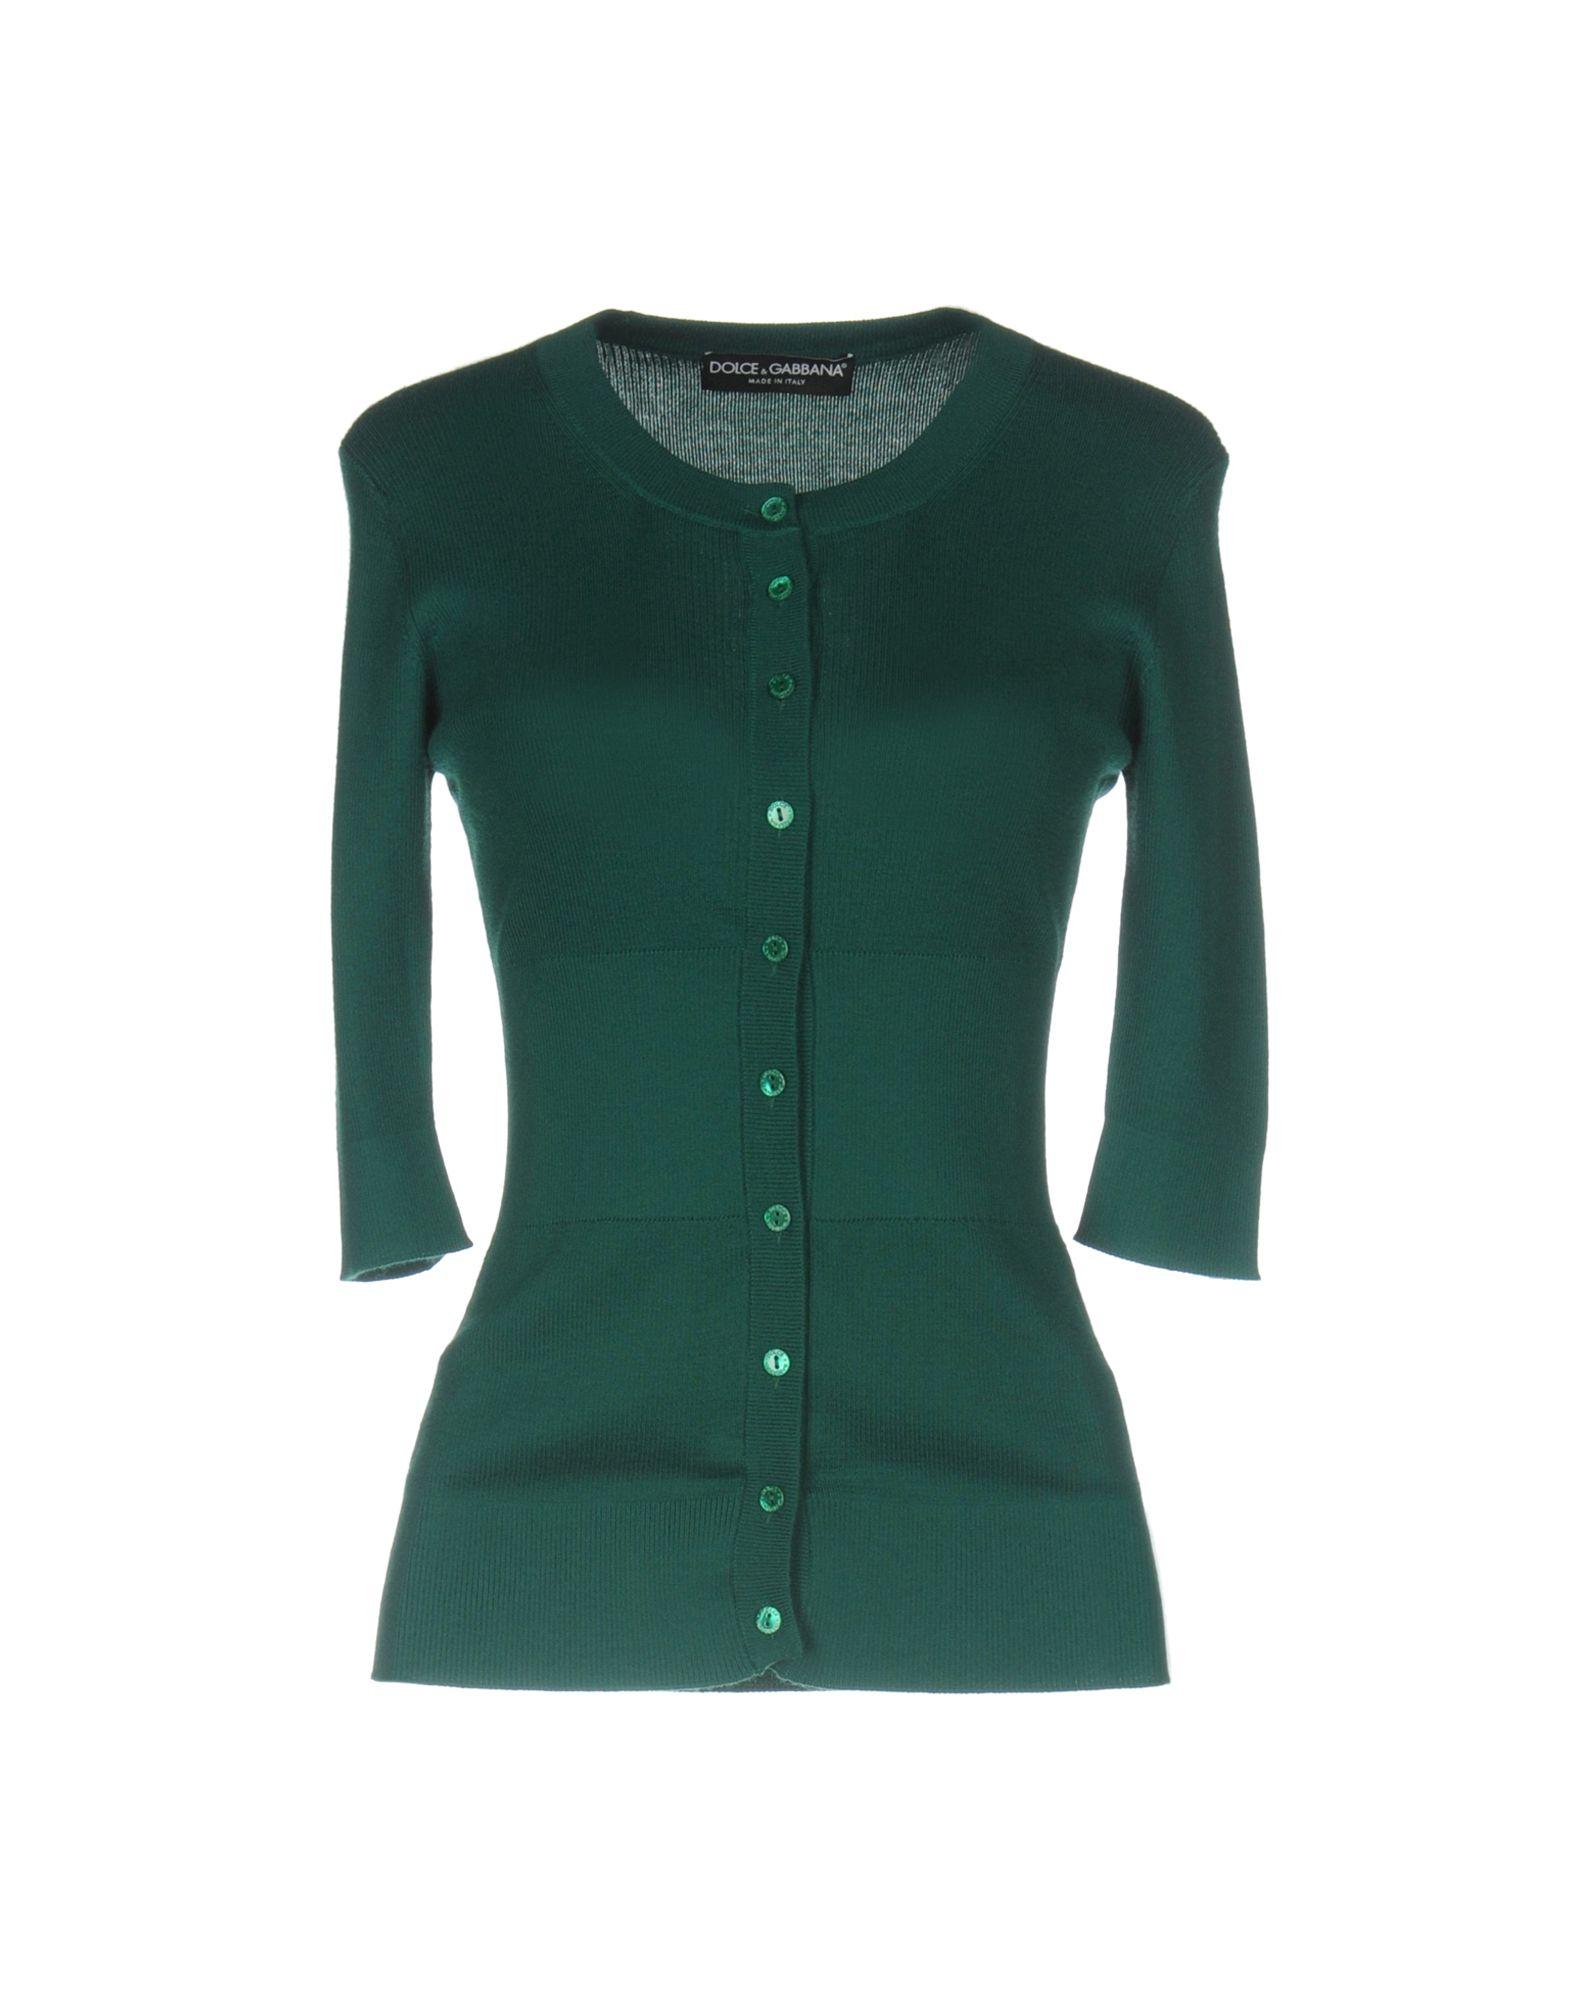 Cardigan Dolce & Gabbana Donna - Acquista online su PRIxFdwq9H